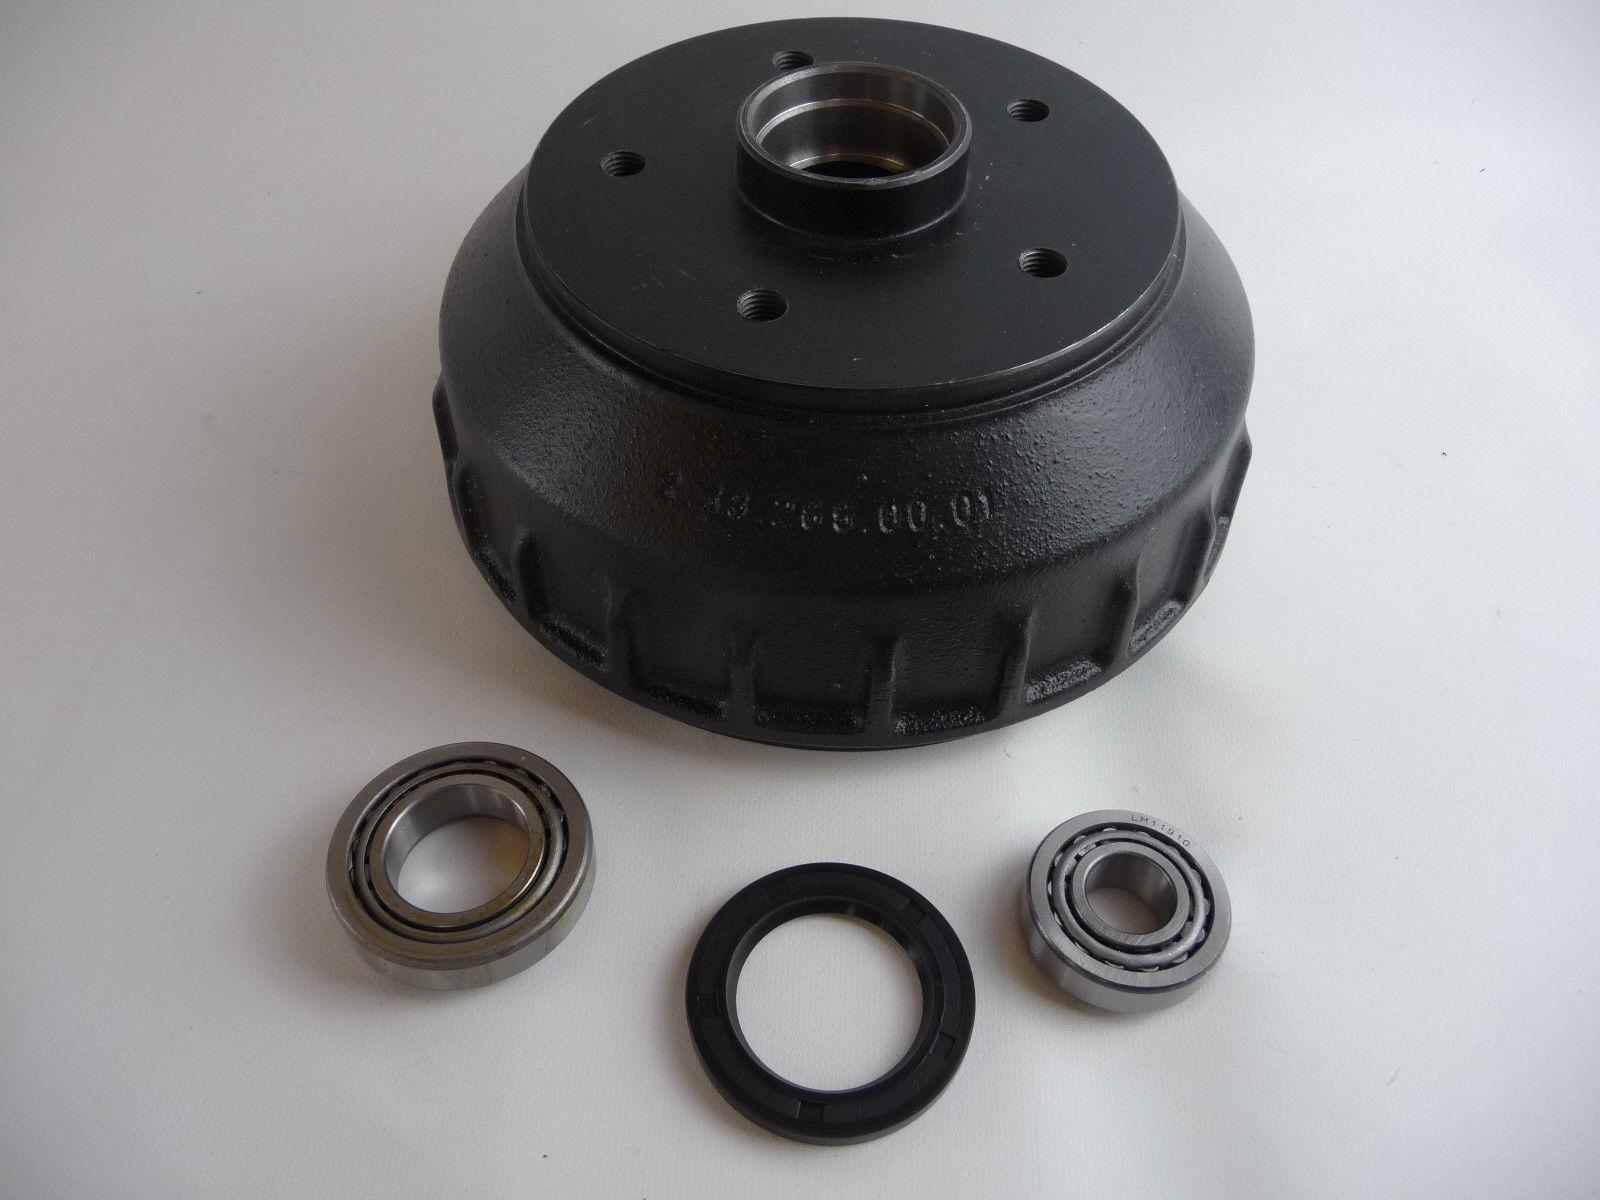 Bremsbackensatz Bremsbelege Kit für Alko Bremsen 2050//2051 200x50 mm Neu B150041